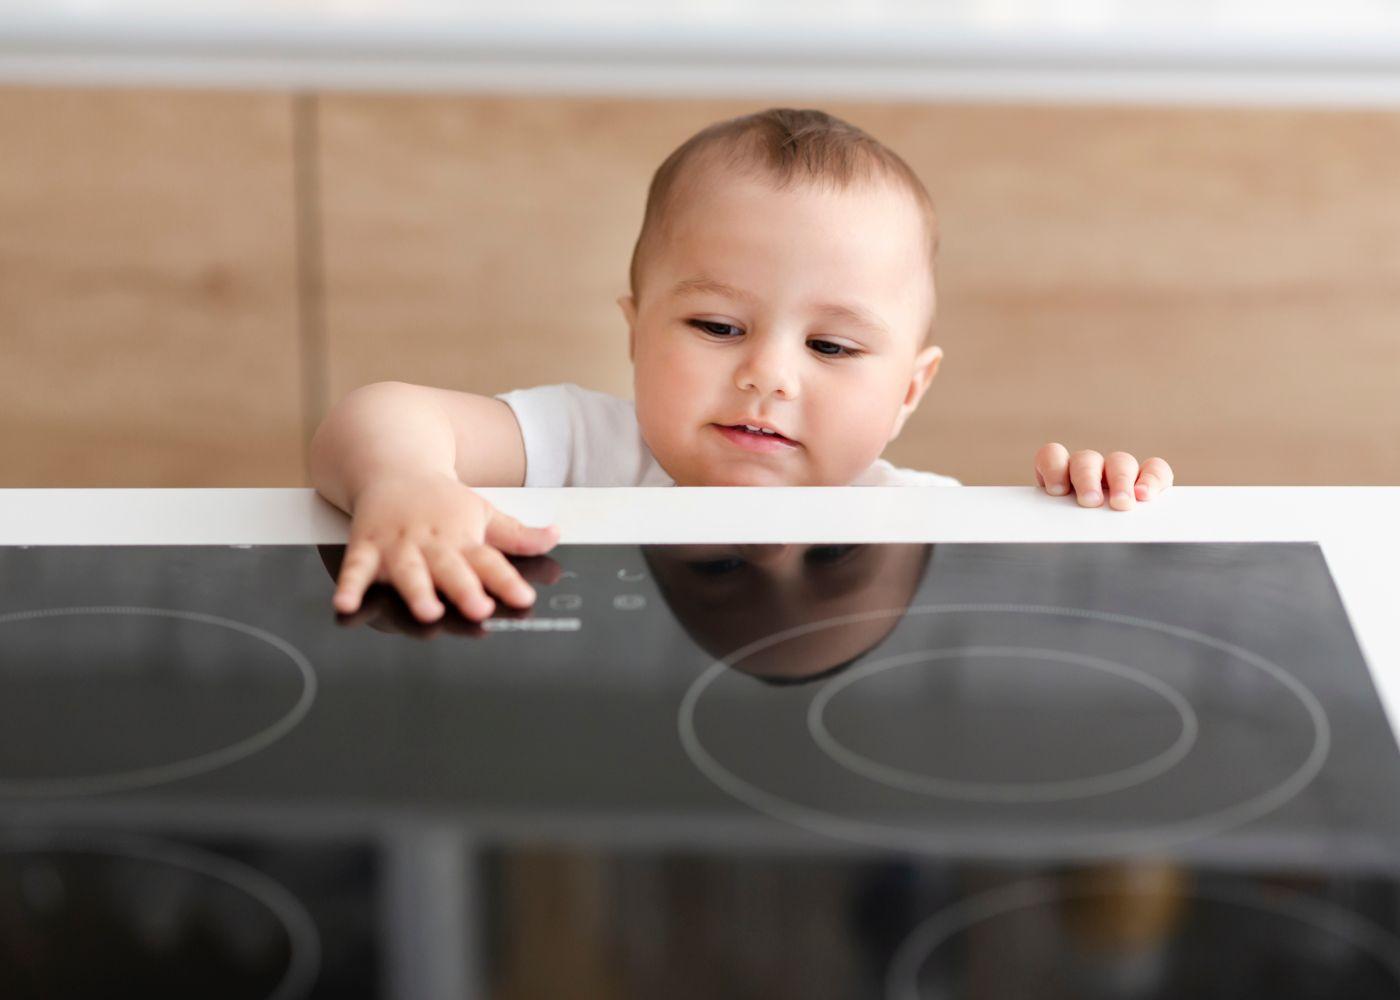 bebé com as mãos na placa para mostrar importância de uma casa segura para crianças